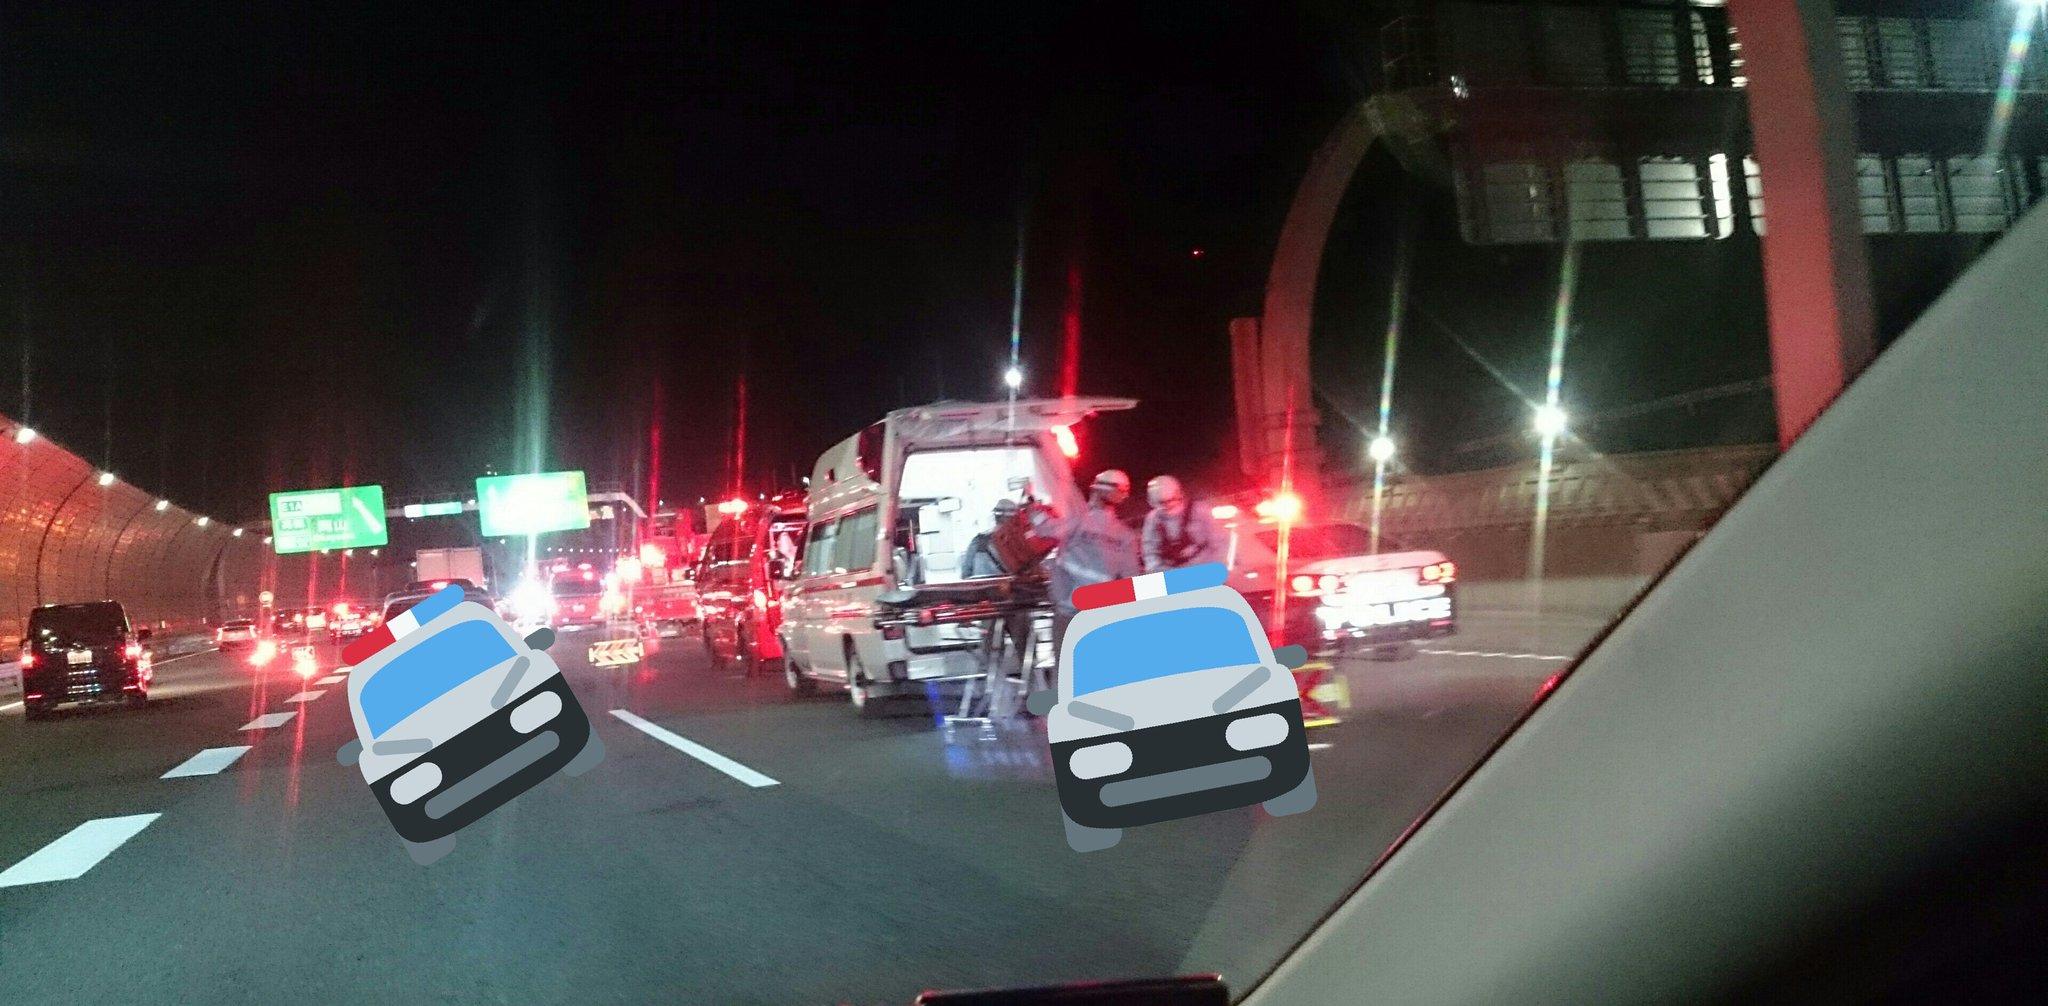 名神高速の高槻JCT付近で事故が起きた現場の画像